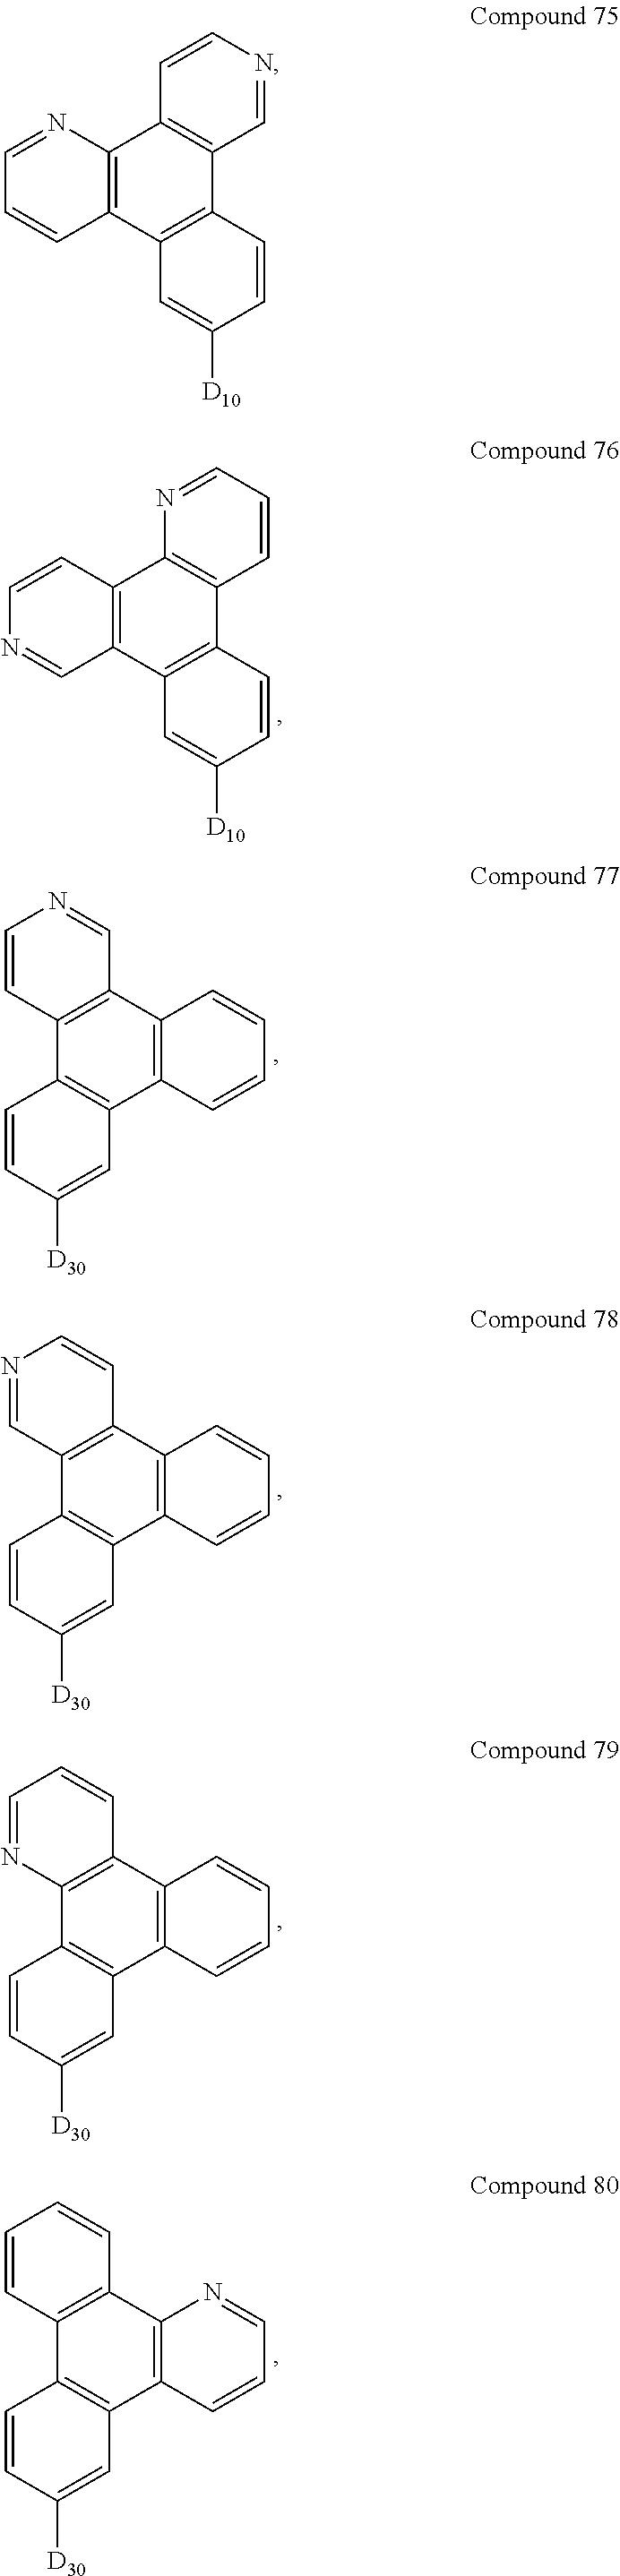 Figure US09537106-20170103-C00174